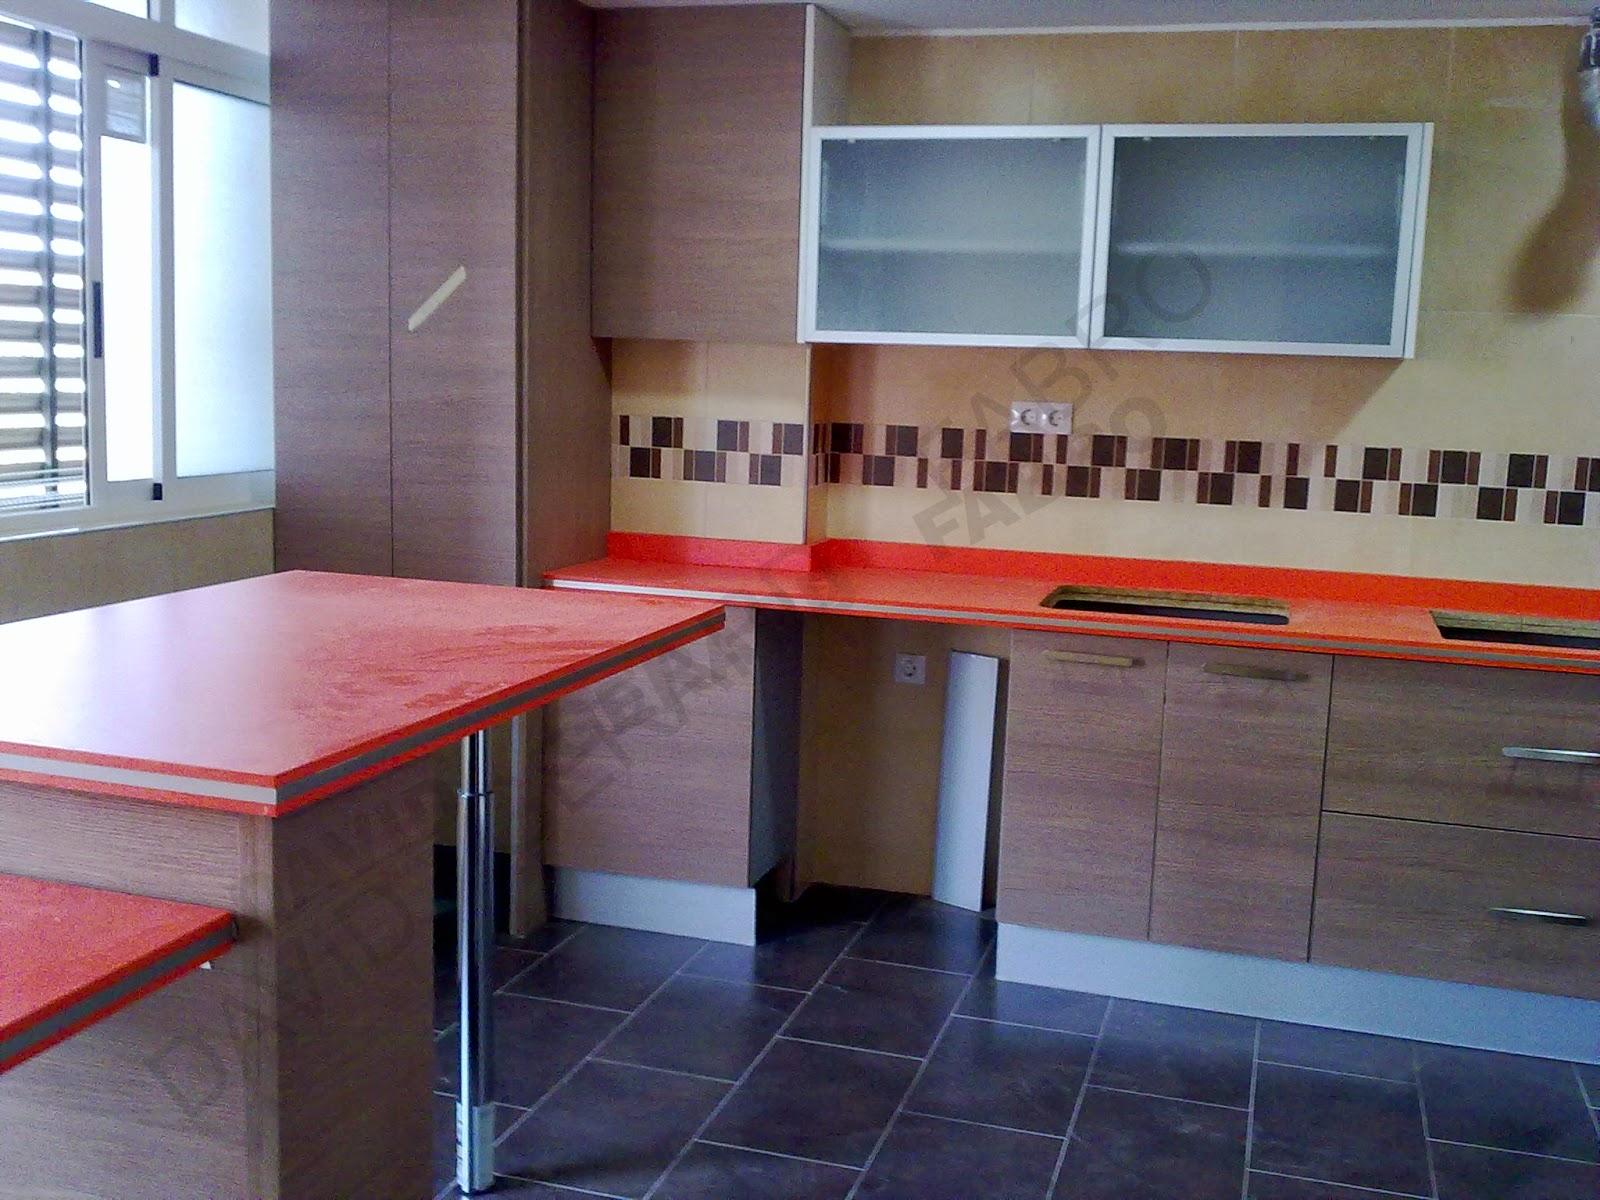 Muebles de cocina con encimera naranja.